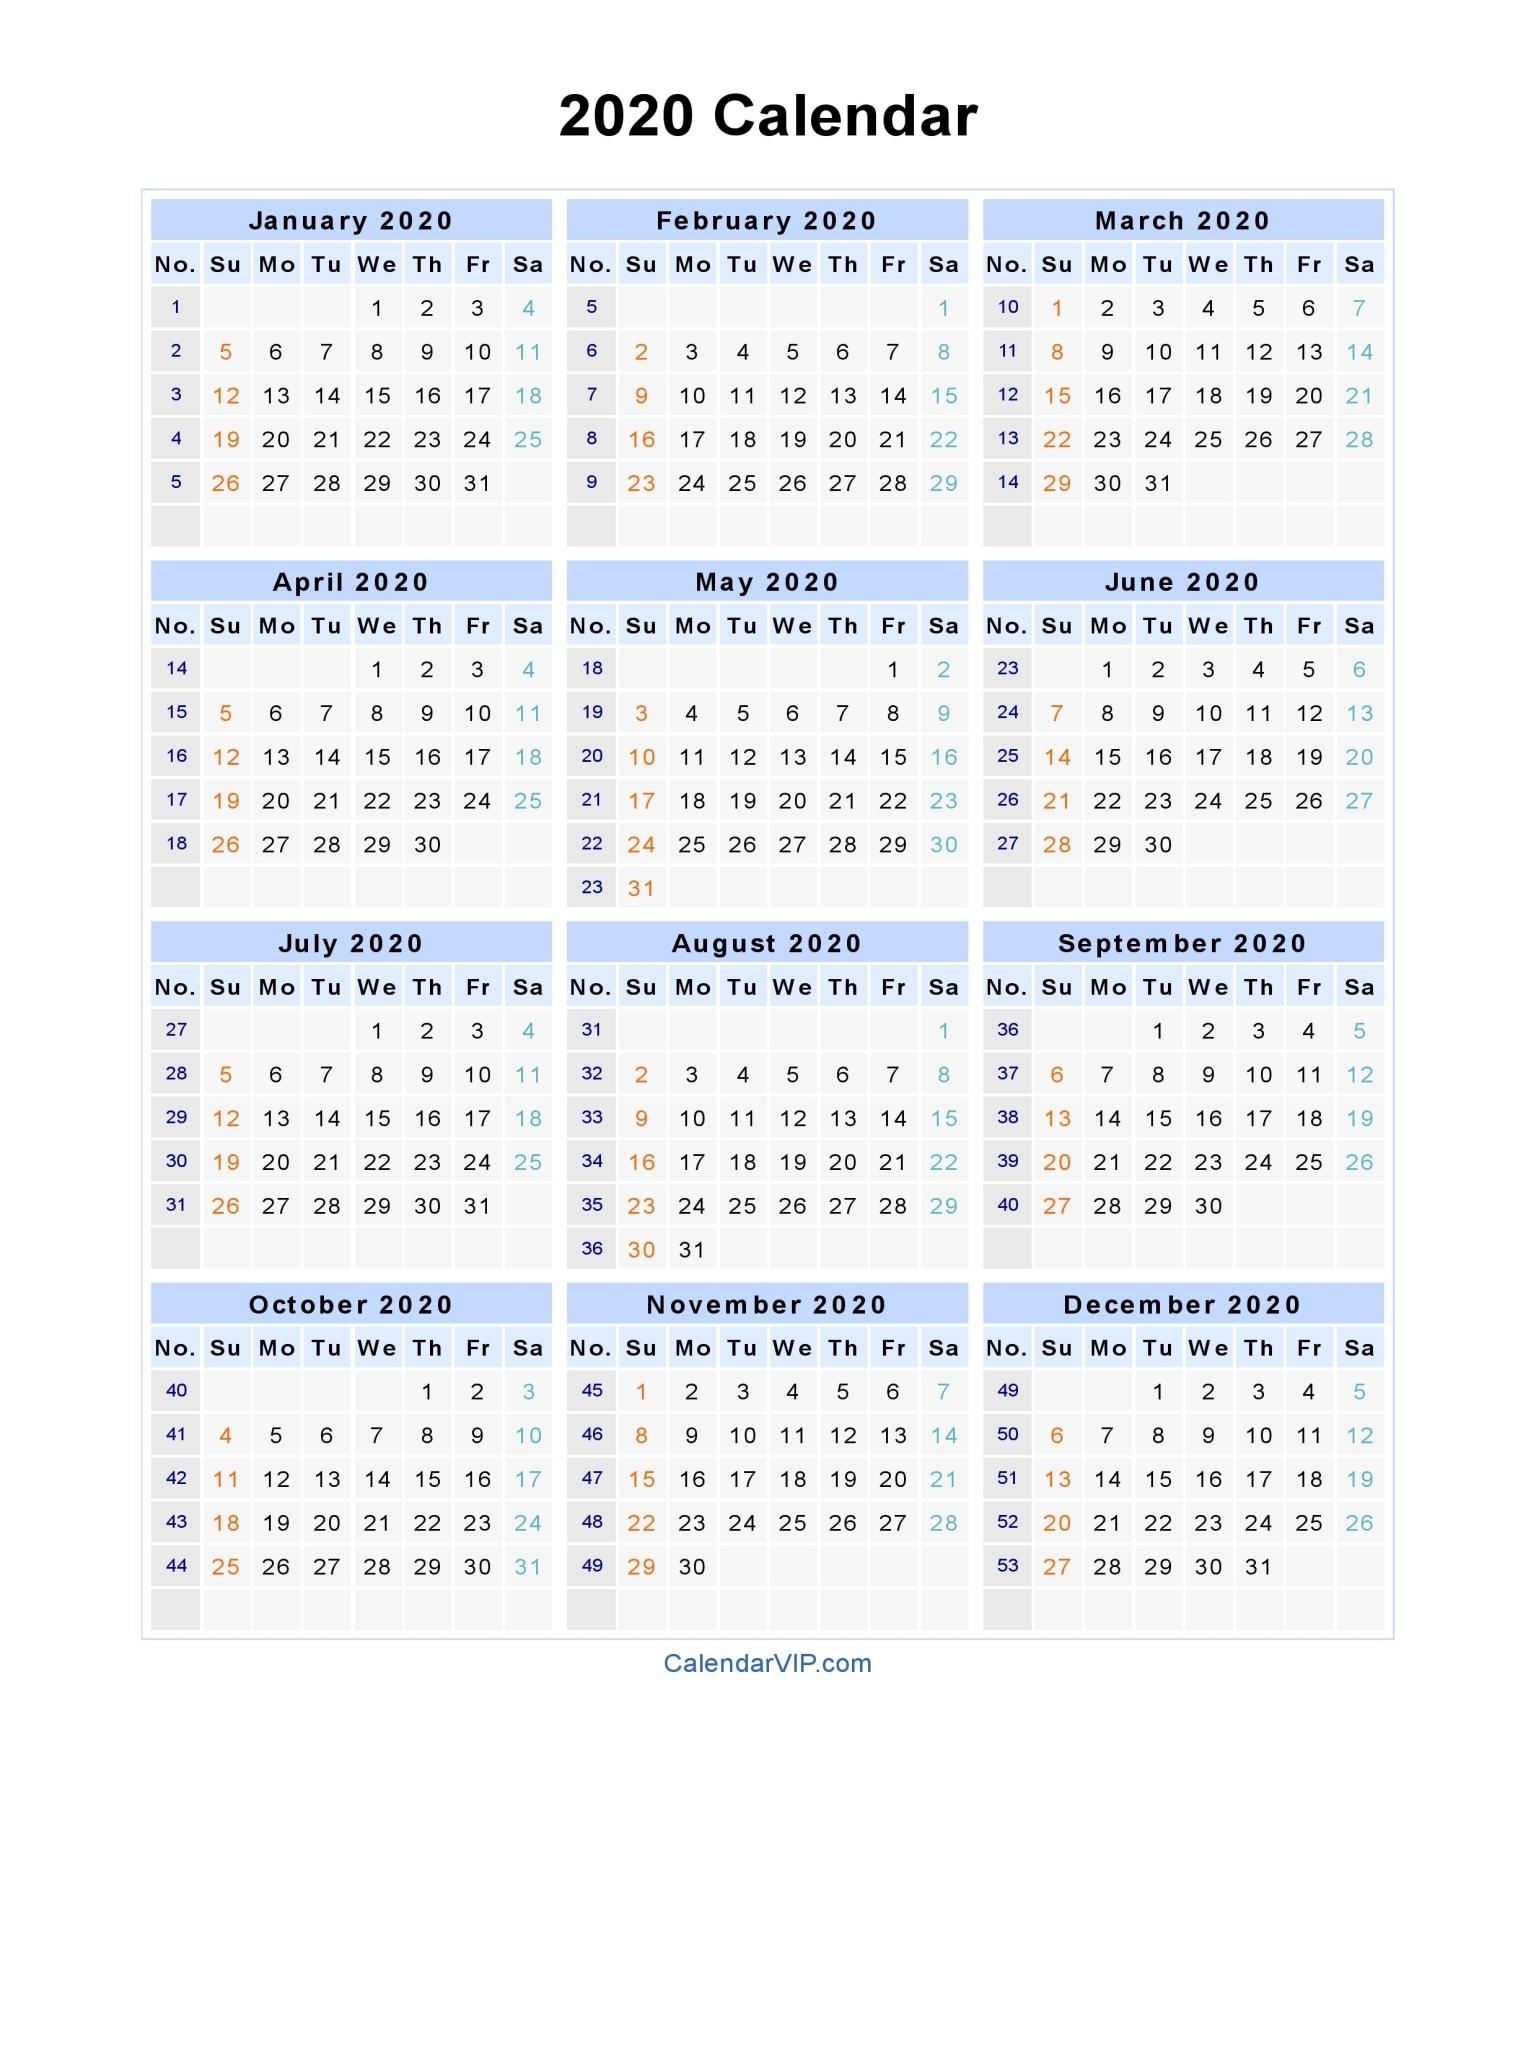 2020 Calendar - Blank Printable Calendar Template In Pdf Word Excel in Half Page Calendars 2020 Printable